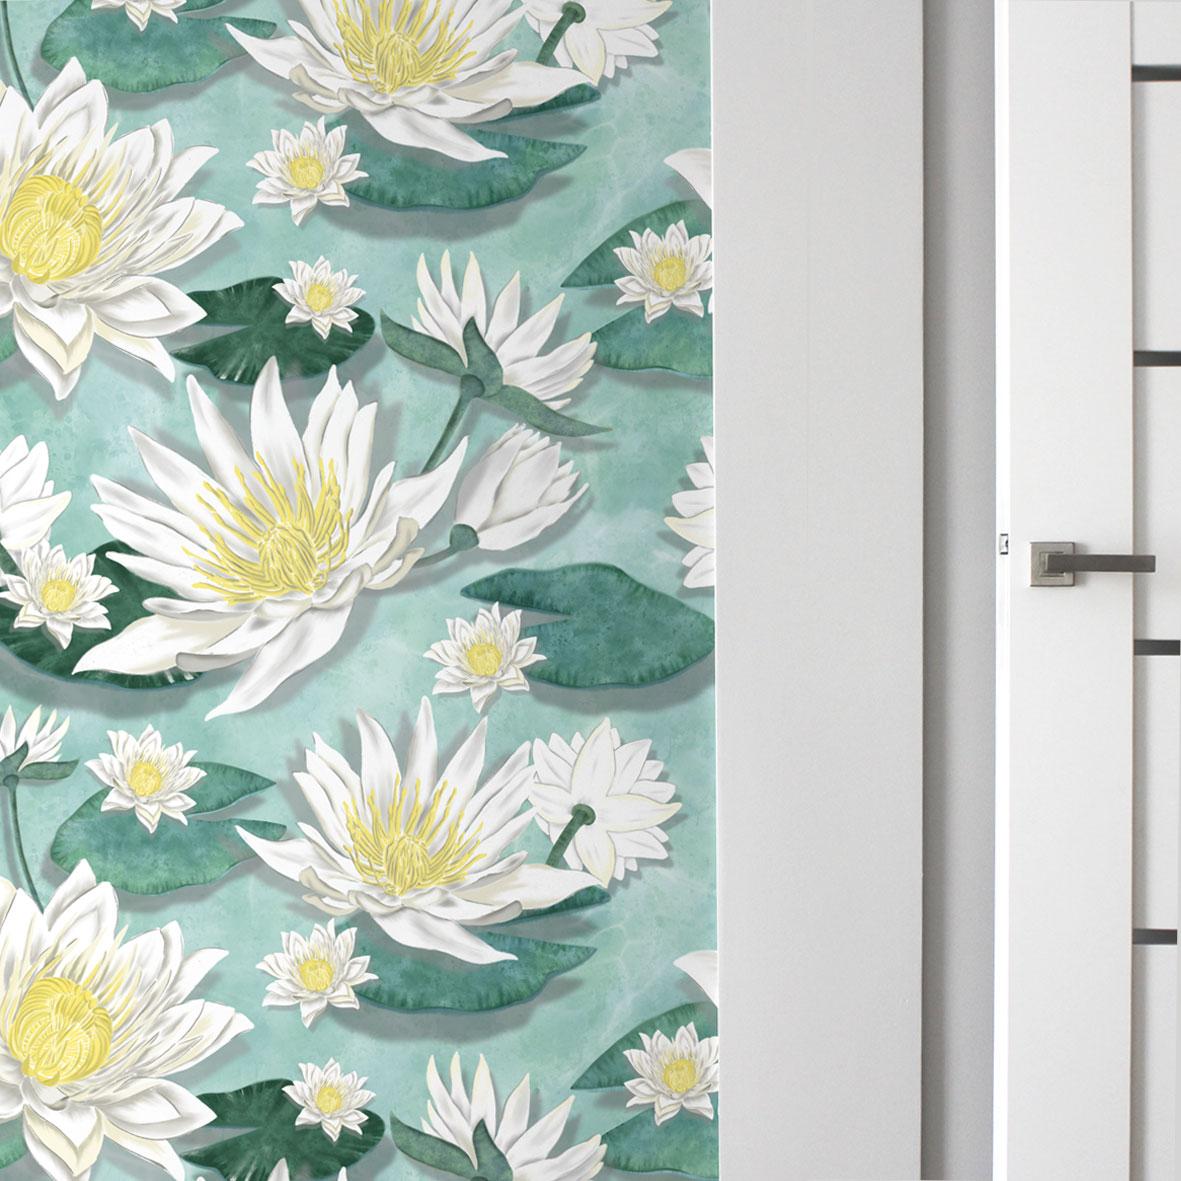 tapety tropikalne,motyw wody,tapeta do pokoju,tapeta do przedpokoju,tapeta do łazienki,tapeta winylowa,tapeta samoprzylepna,motyw lilii